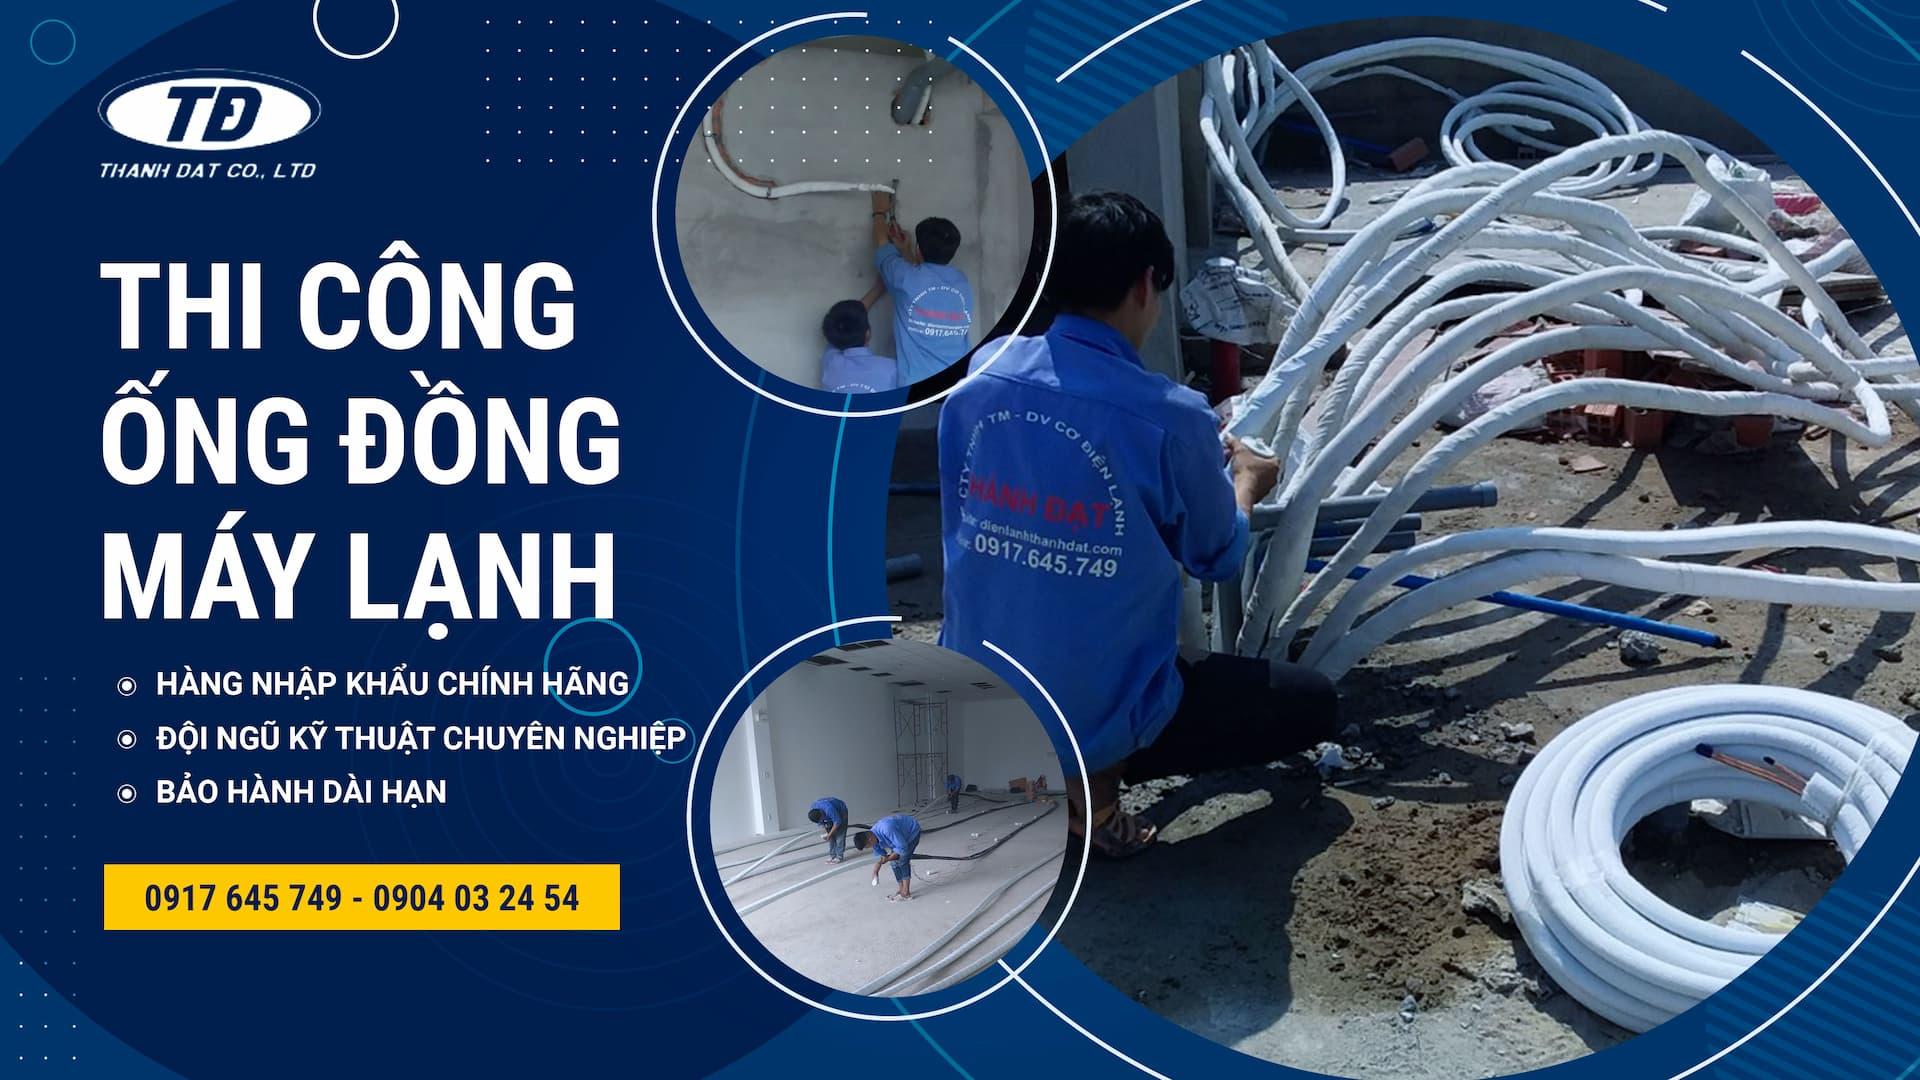 Dịch vụ thi công ống đồng máy lạnh âm tường